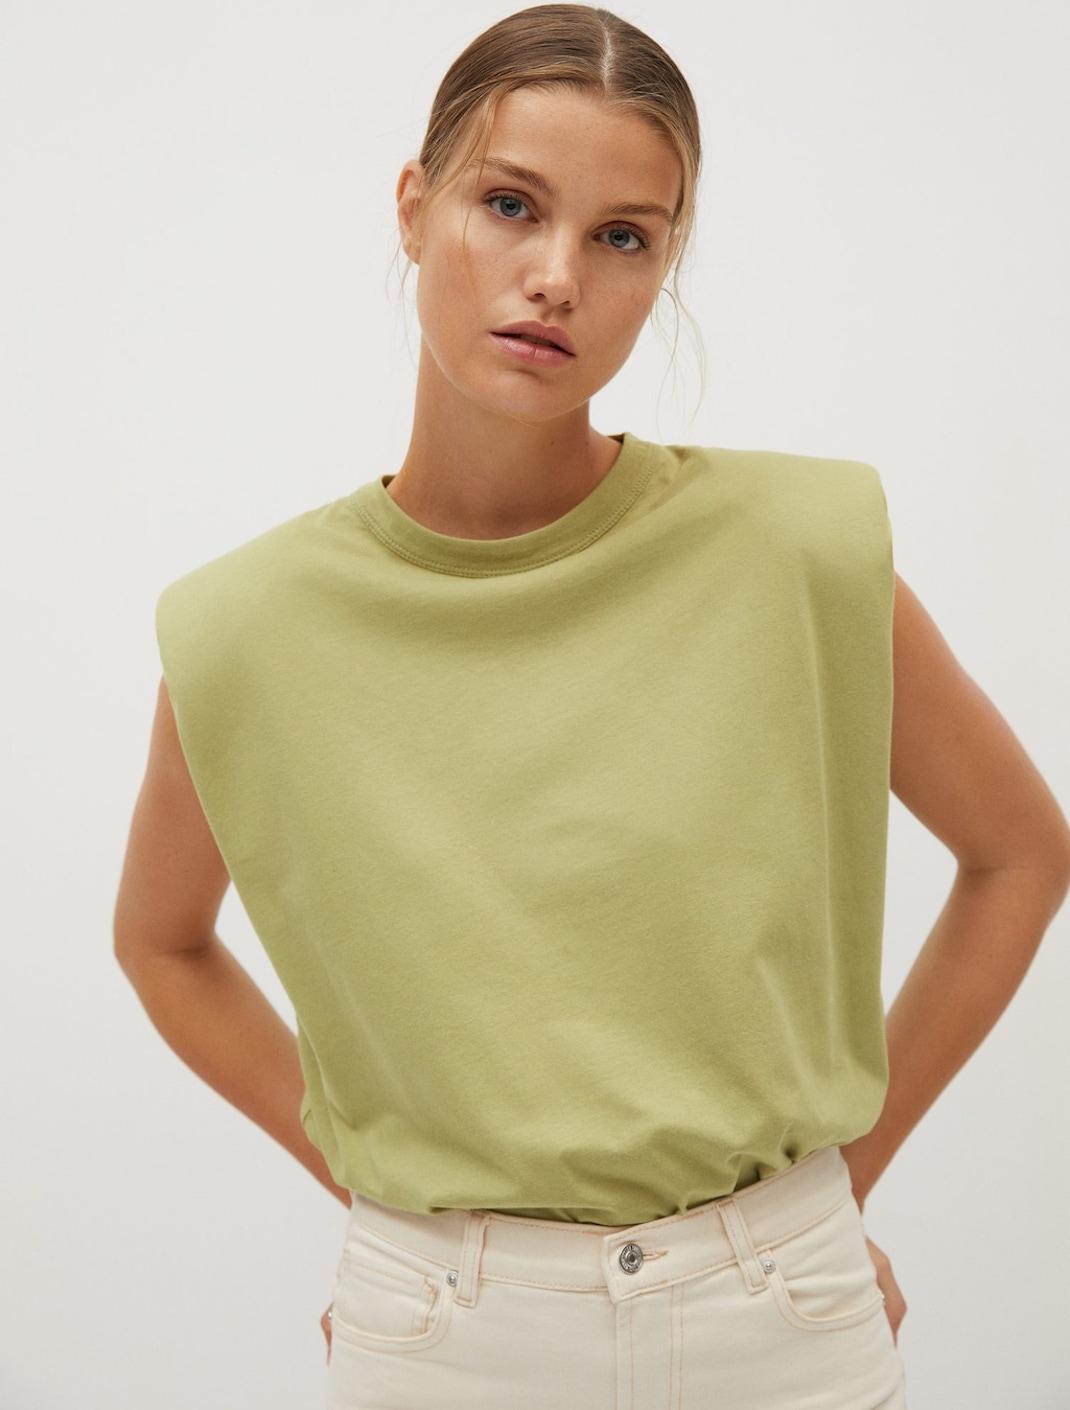 μοντέλο με ρούχα Mango